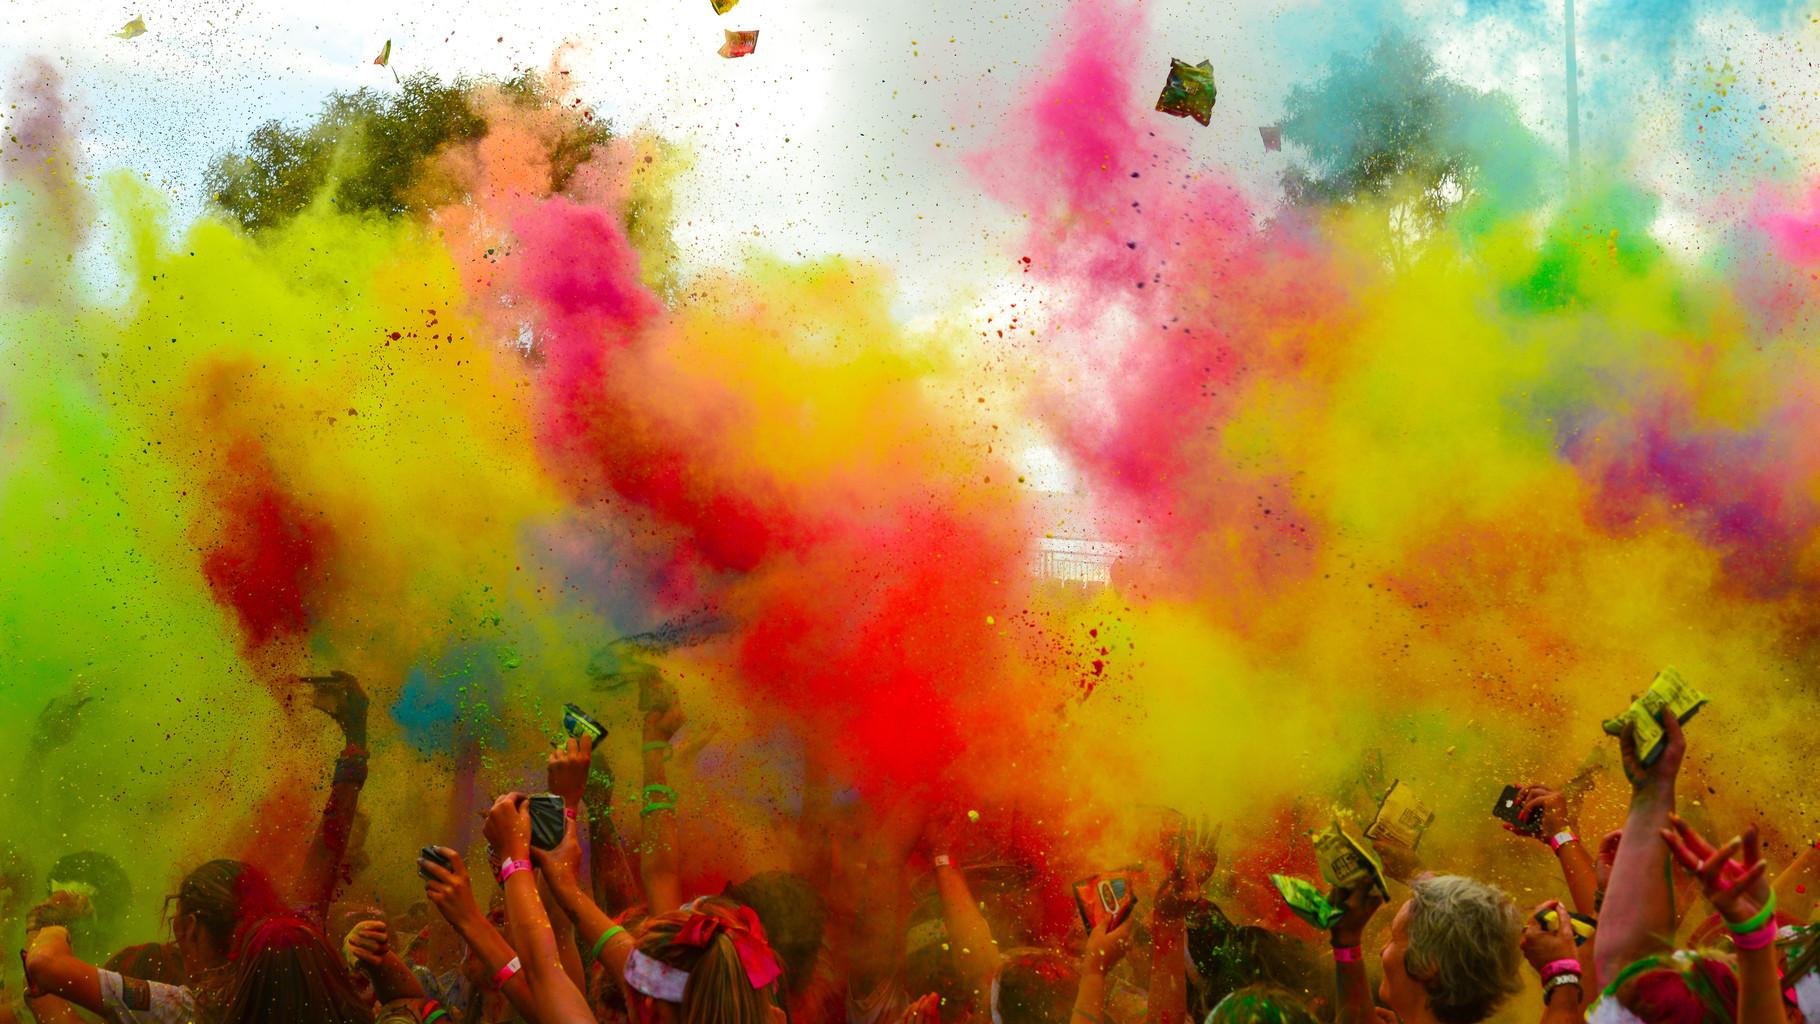 Psicología del color en el diseño web: parte 1 - Jimdo